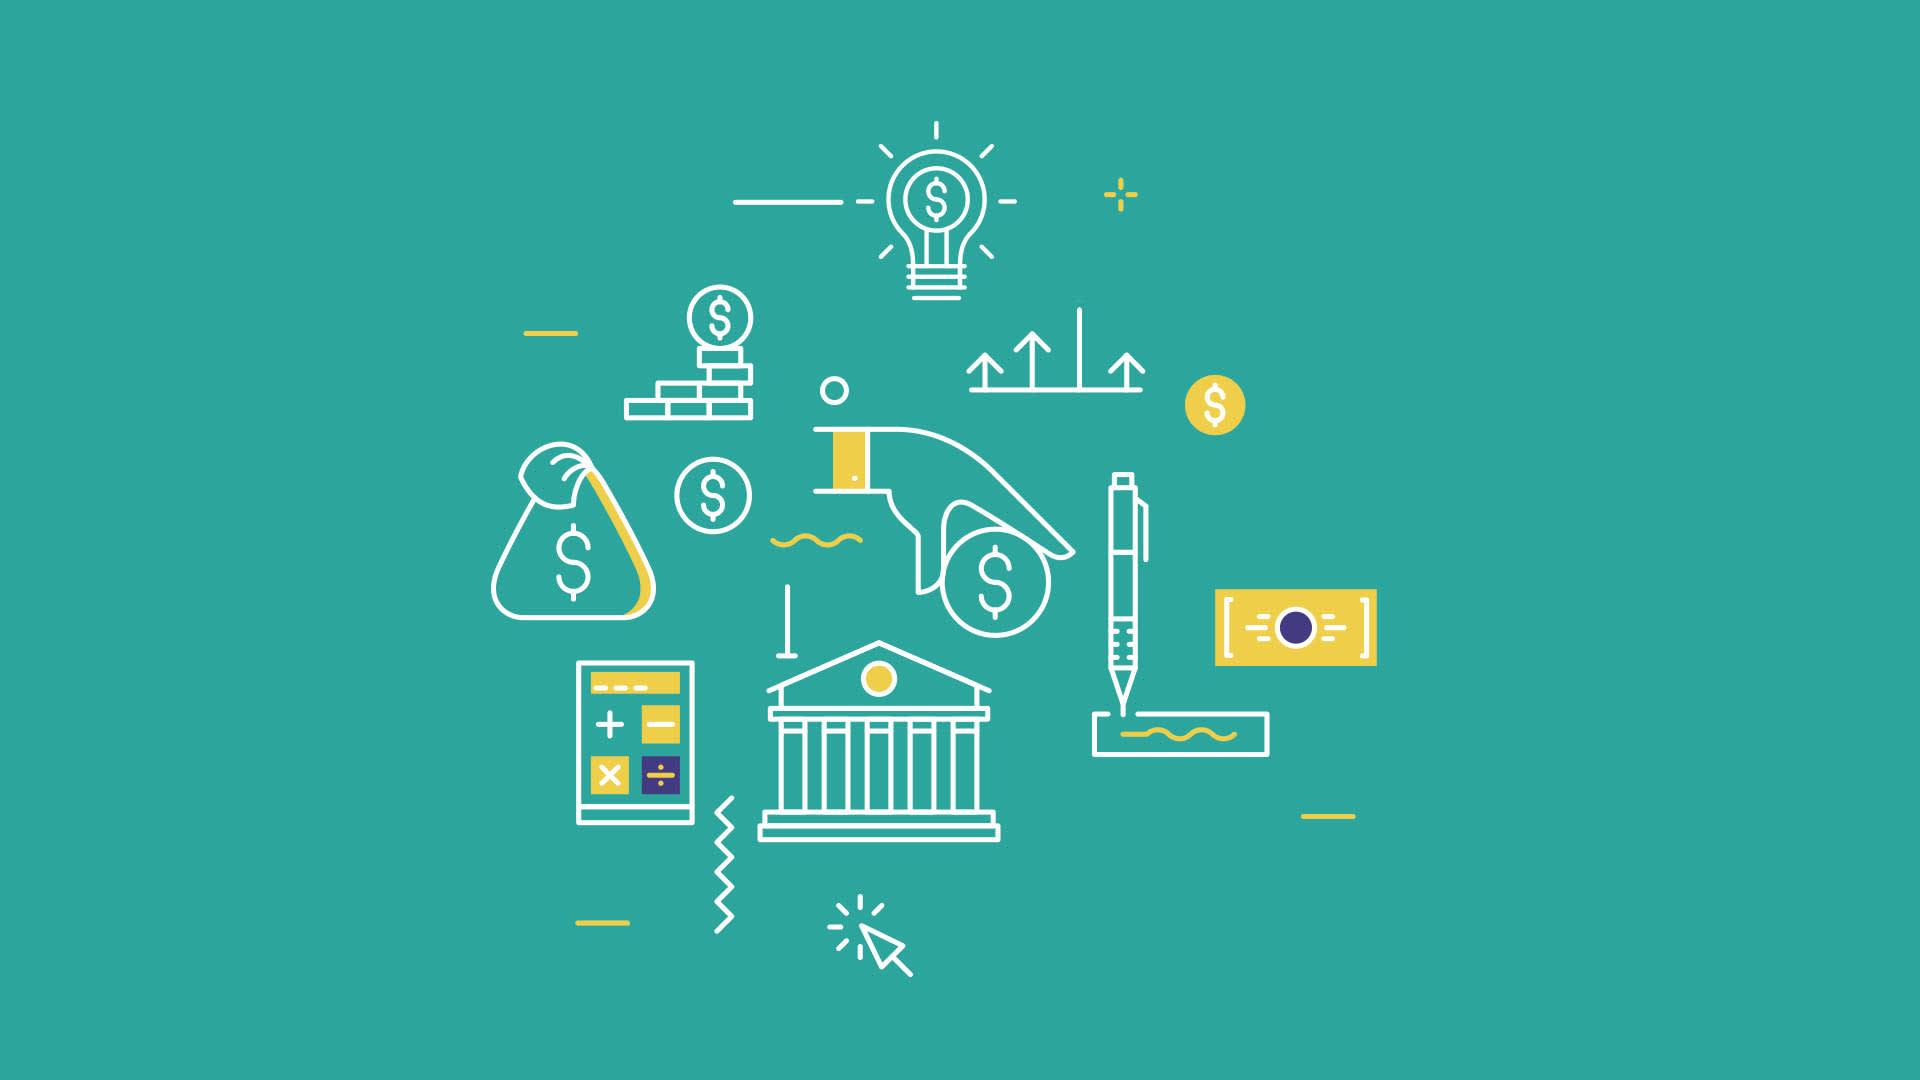 Na imagem, ilustrações que remetem a figuras relacionadas à área financeira.